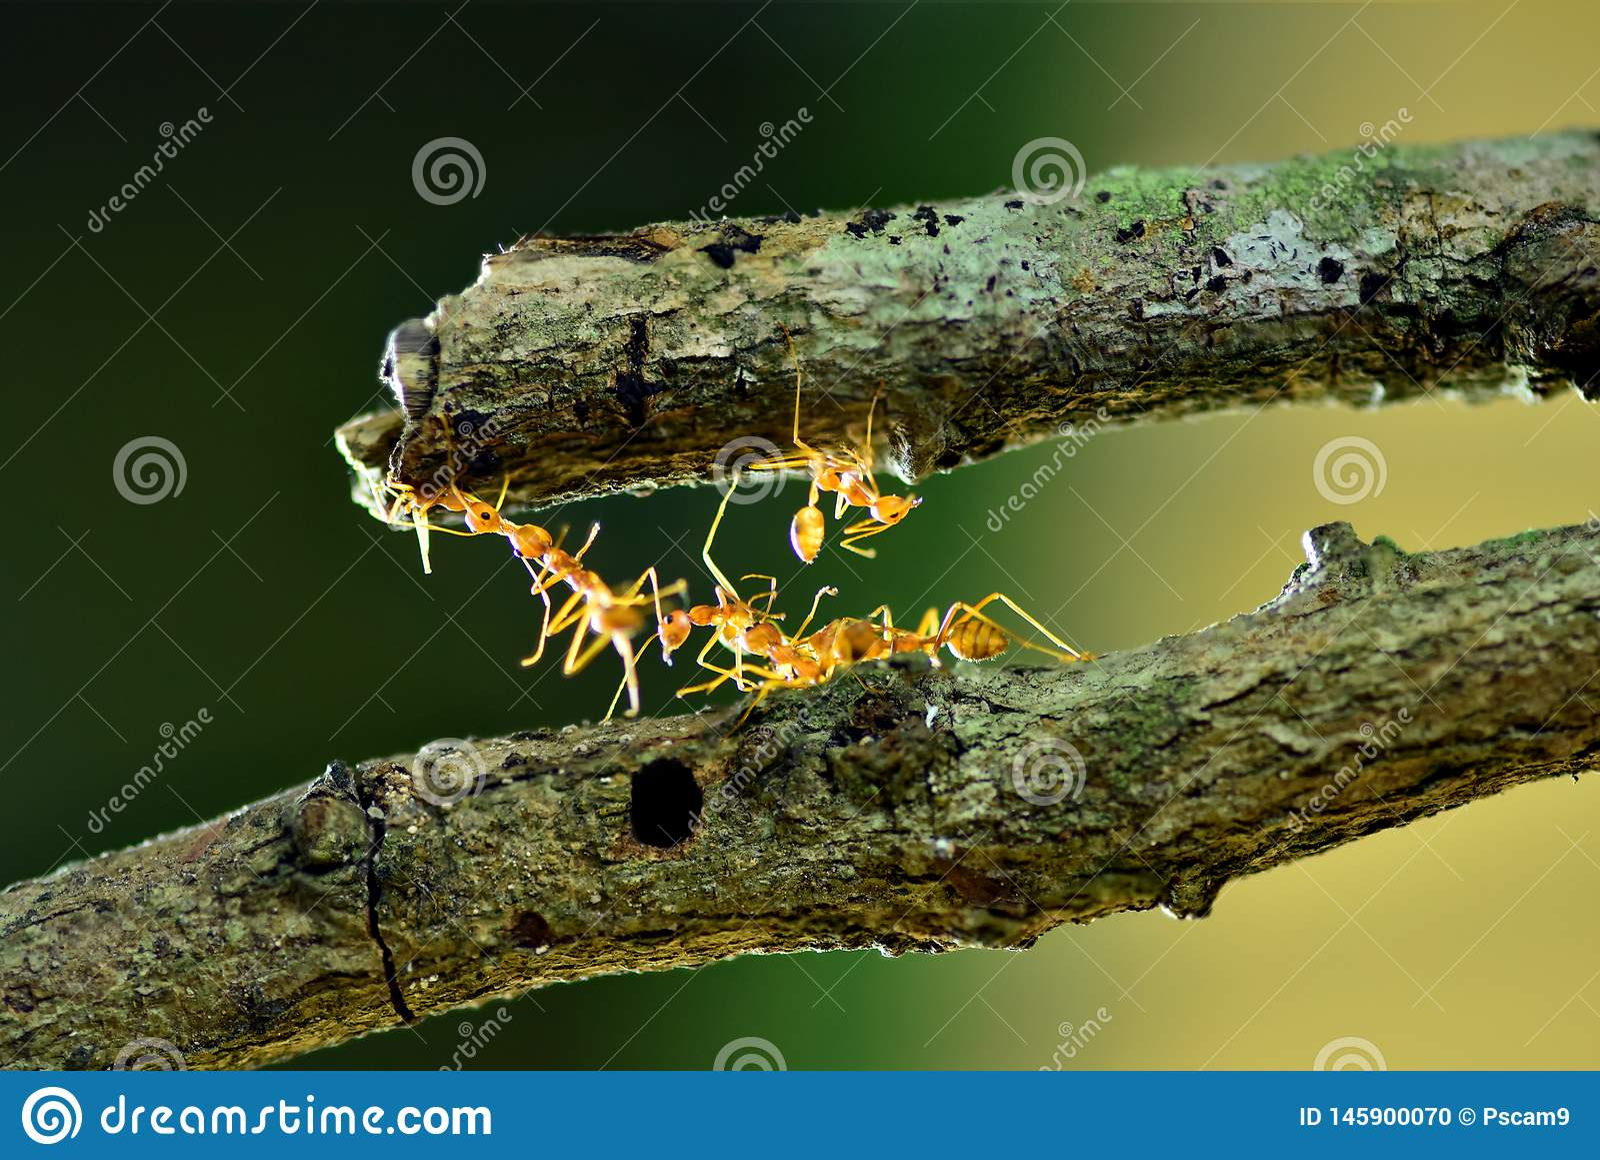 Ameisen, die Brücke, Teamwork konstruieren